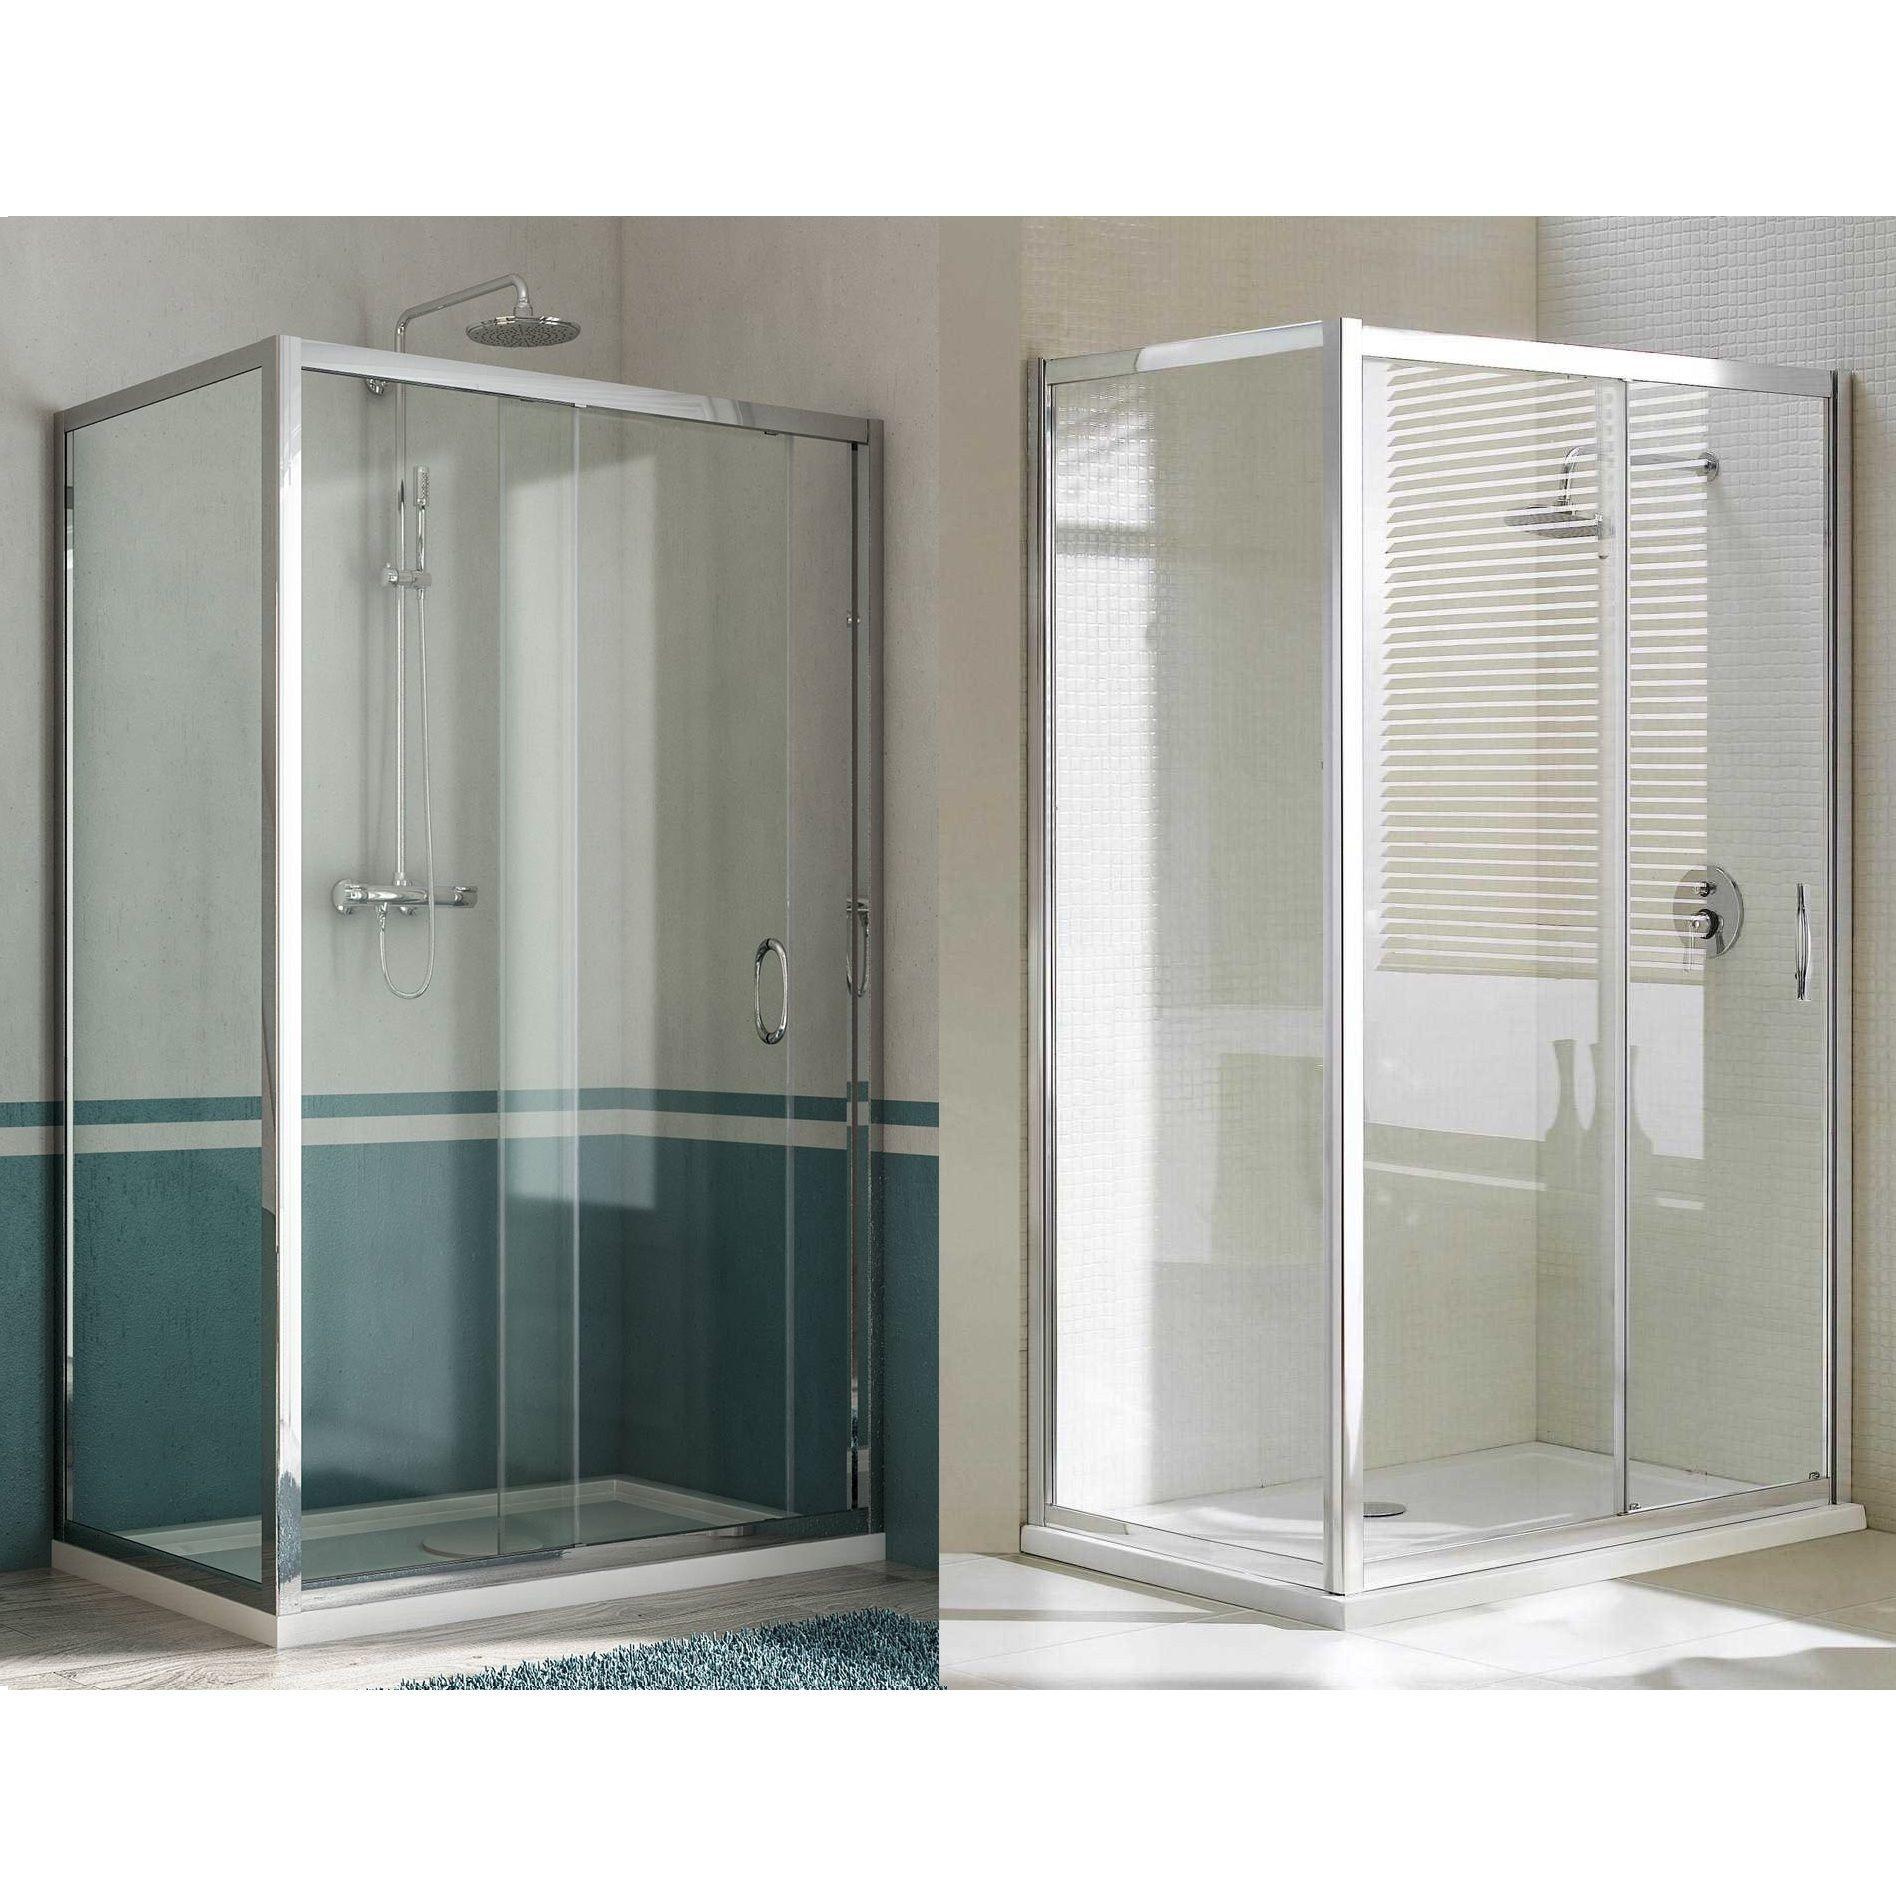 Box doccia porta fissa anta scorrevole h185 198 profilo in - Porta scorrevole cristallo ...